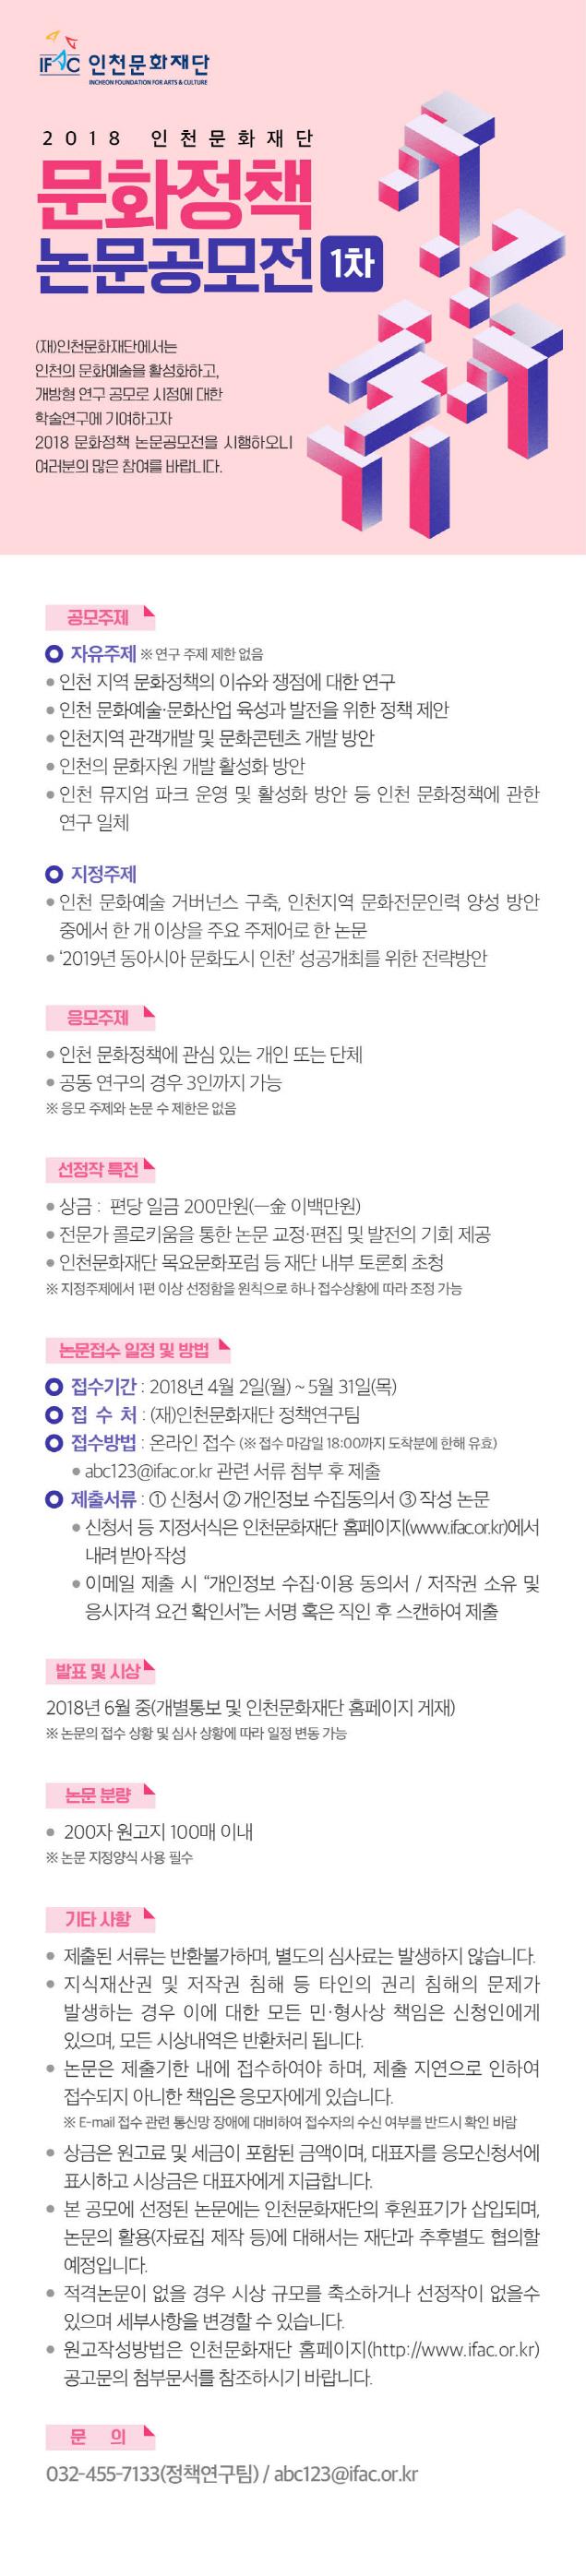 2018 인천문화재단 문화정책 논문공모전(1차)